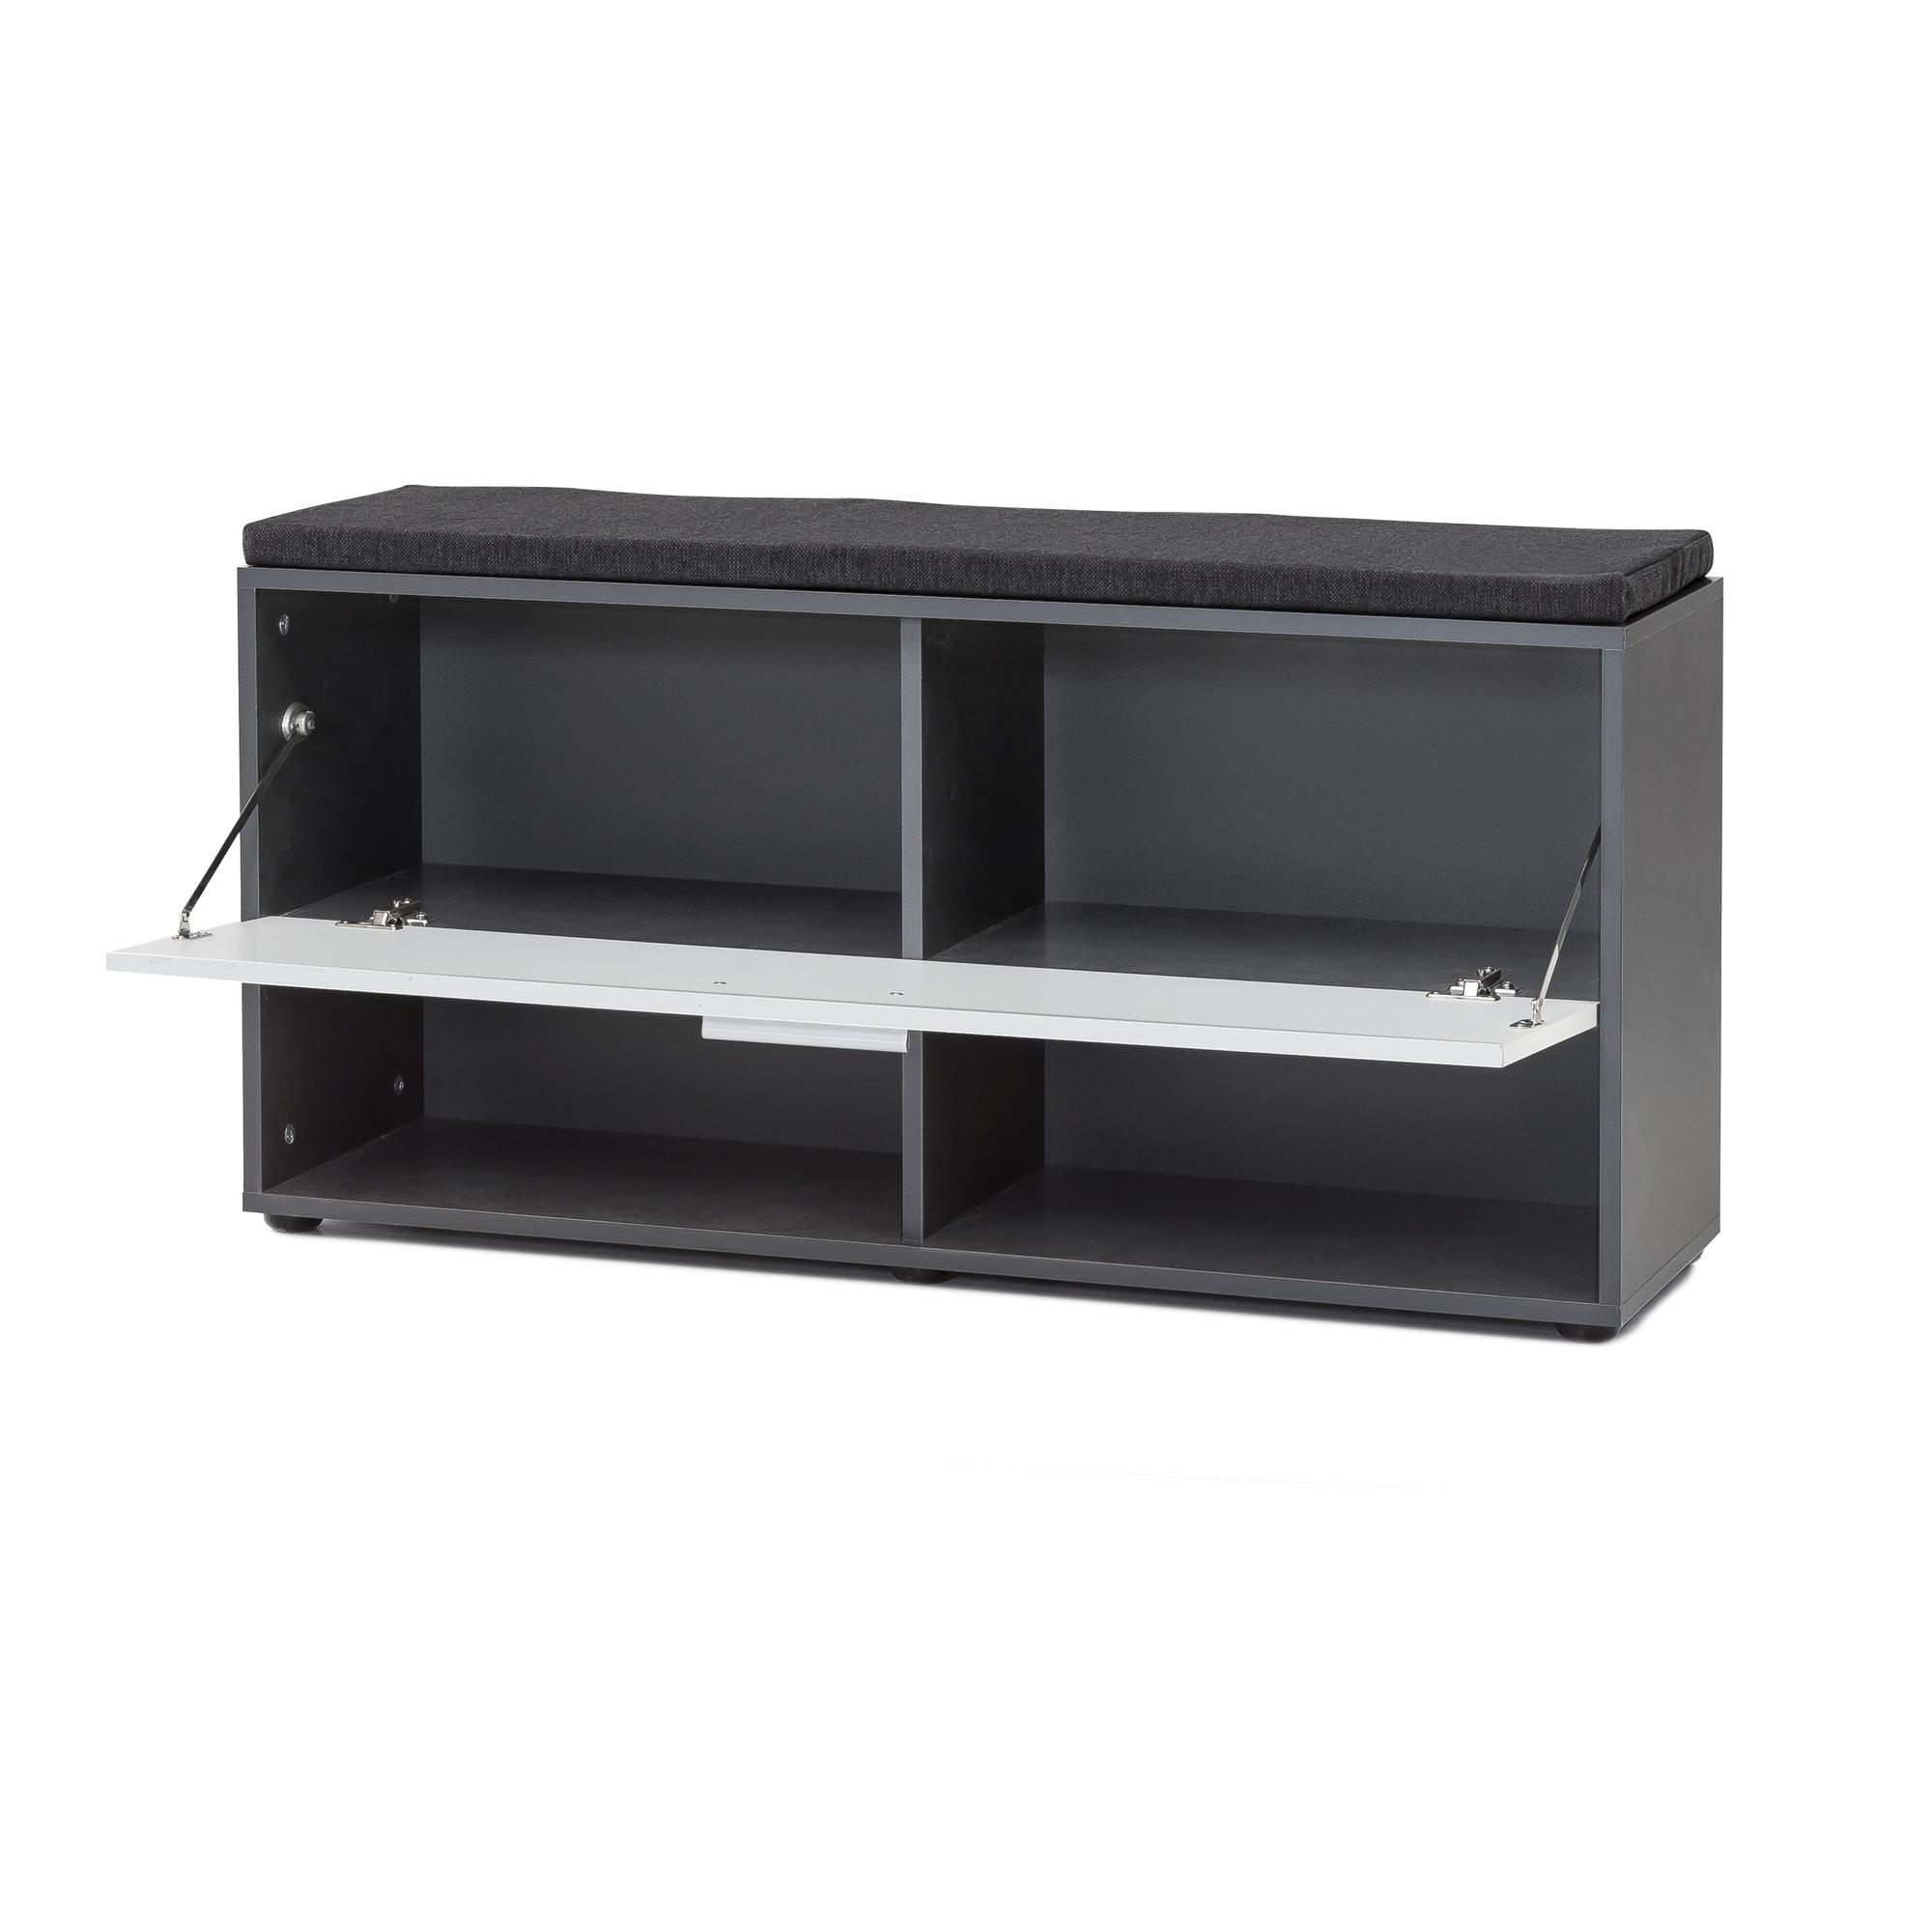 schuhregal emmy mit klappe und sitzkissen graphit. Black Bedroom Furniture Sets. Home Design Ideas